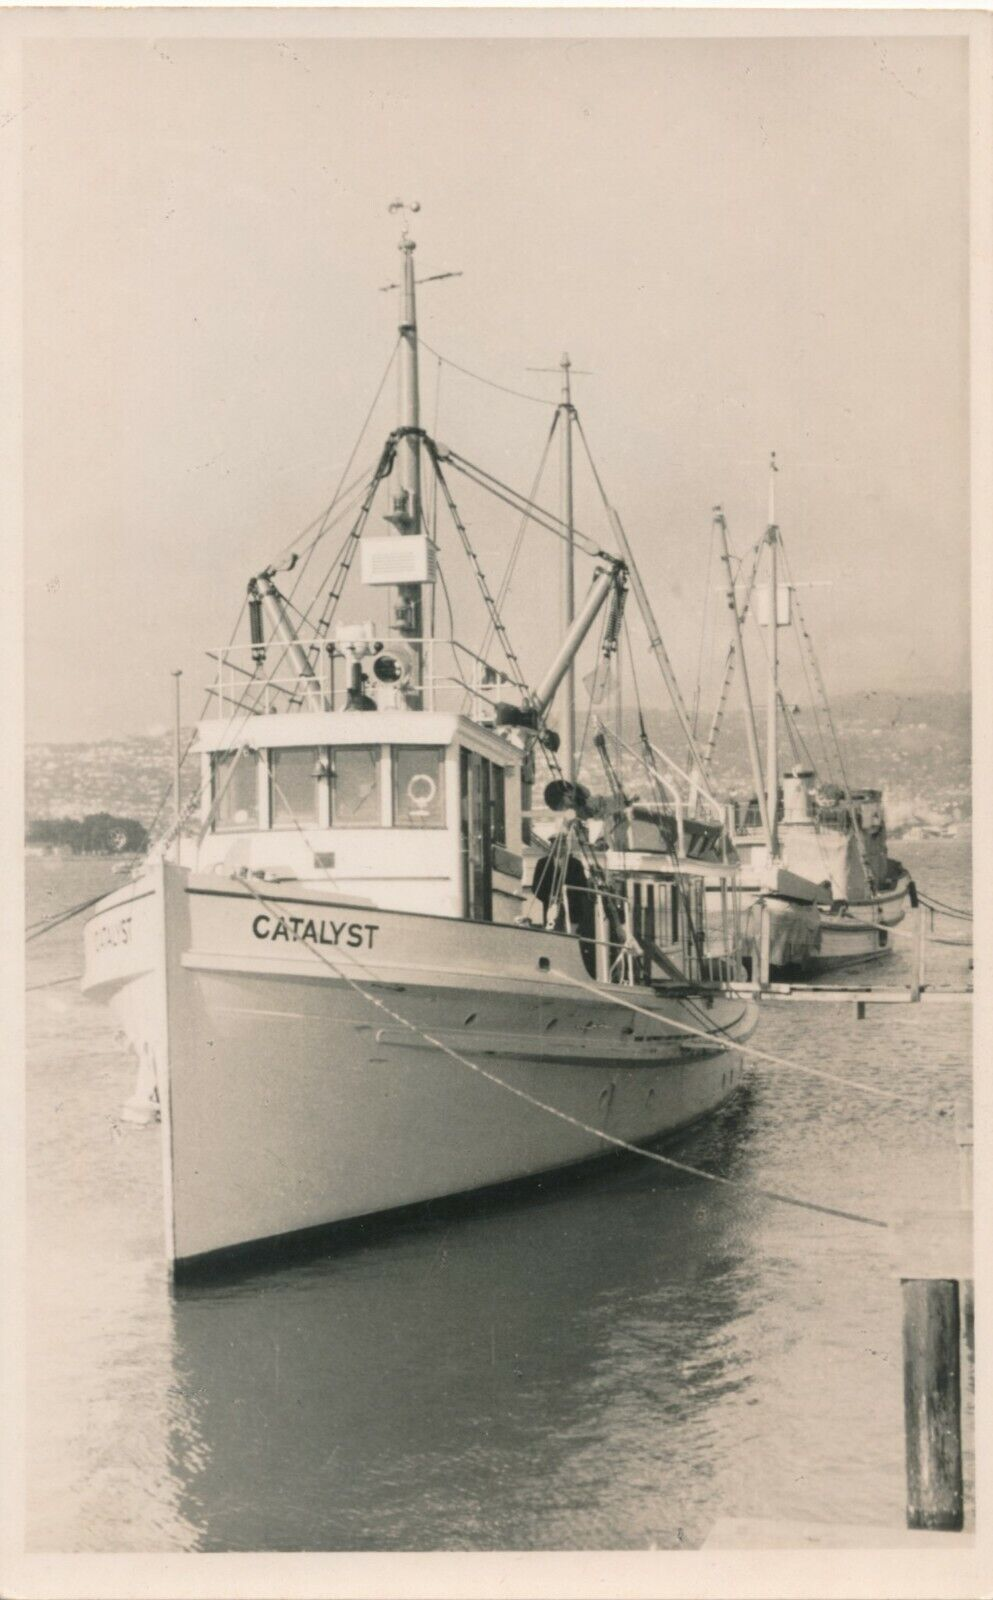 Snapshot bateau catalyst yacht pêche mer sailor boat chalutier vintage